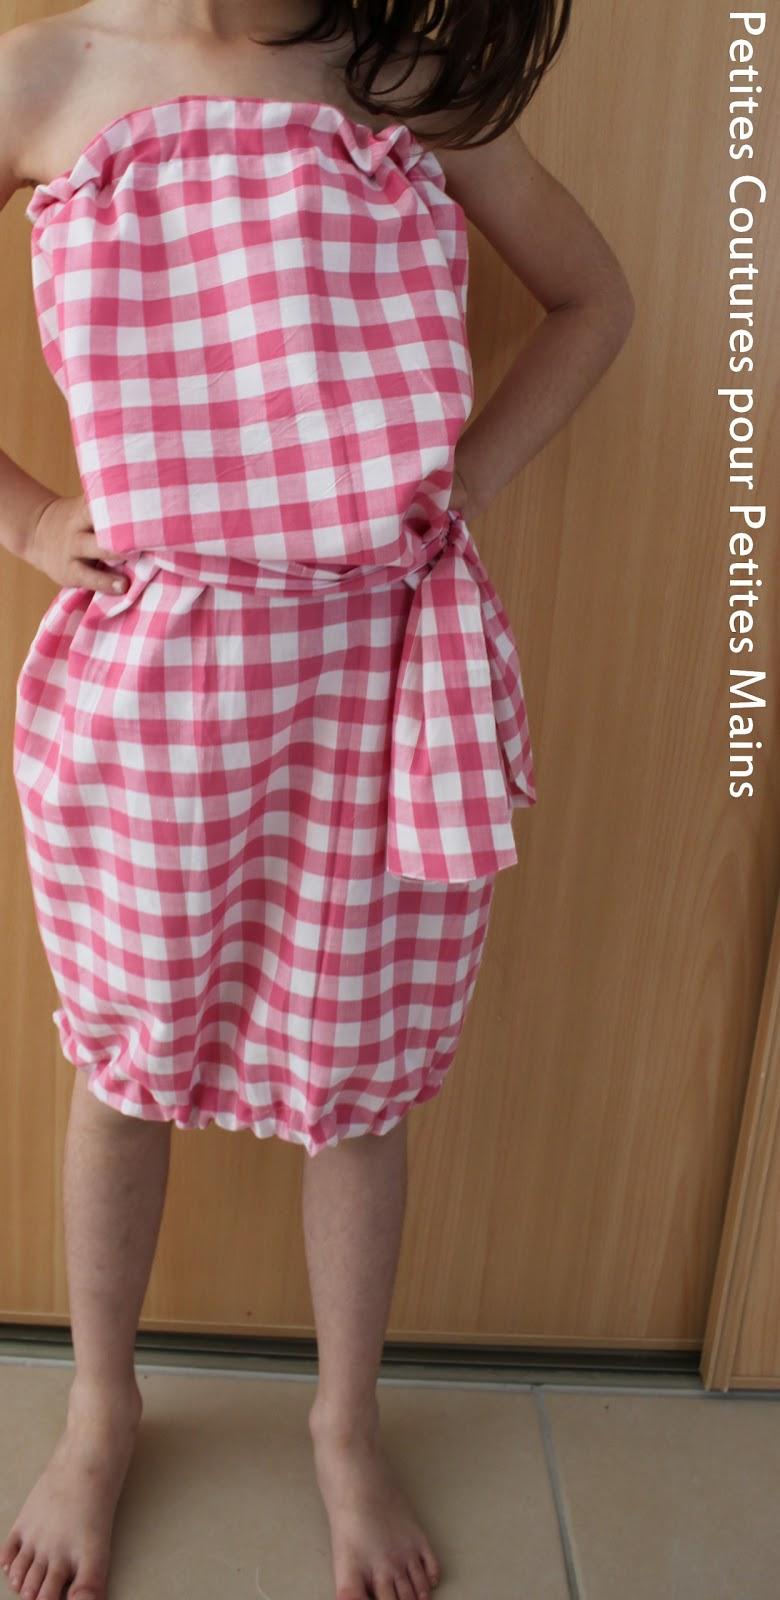 Petites Coutures Pour Petites Mains Le Patron De L Ete La Robe Sans Bretelle Pour Petite Fille Qui Reve D Etre Une Grande Fille